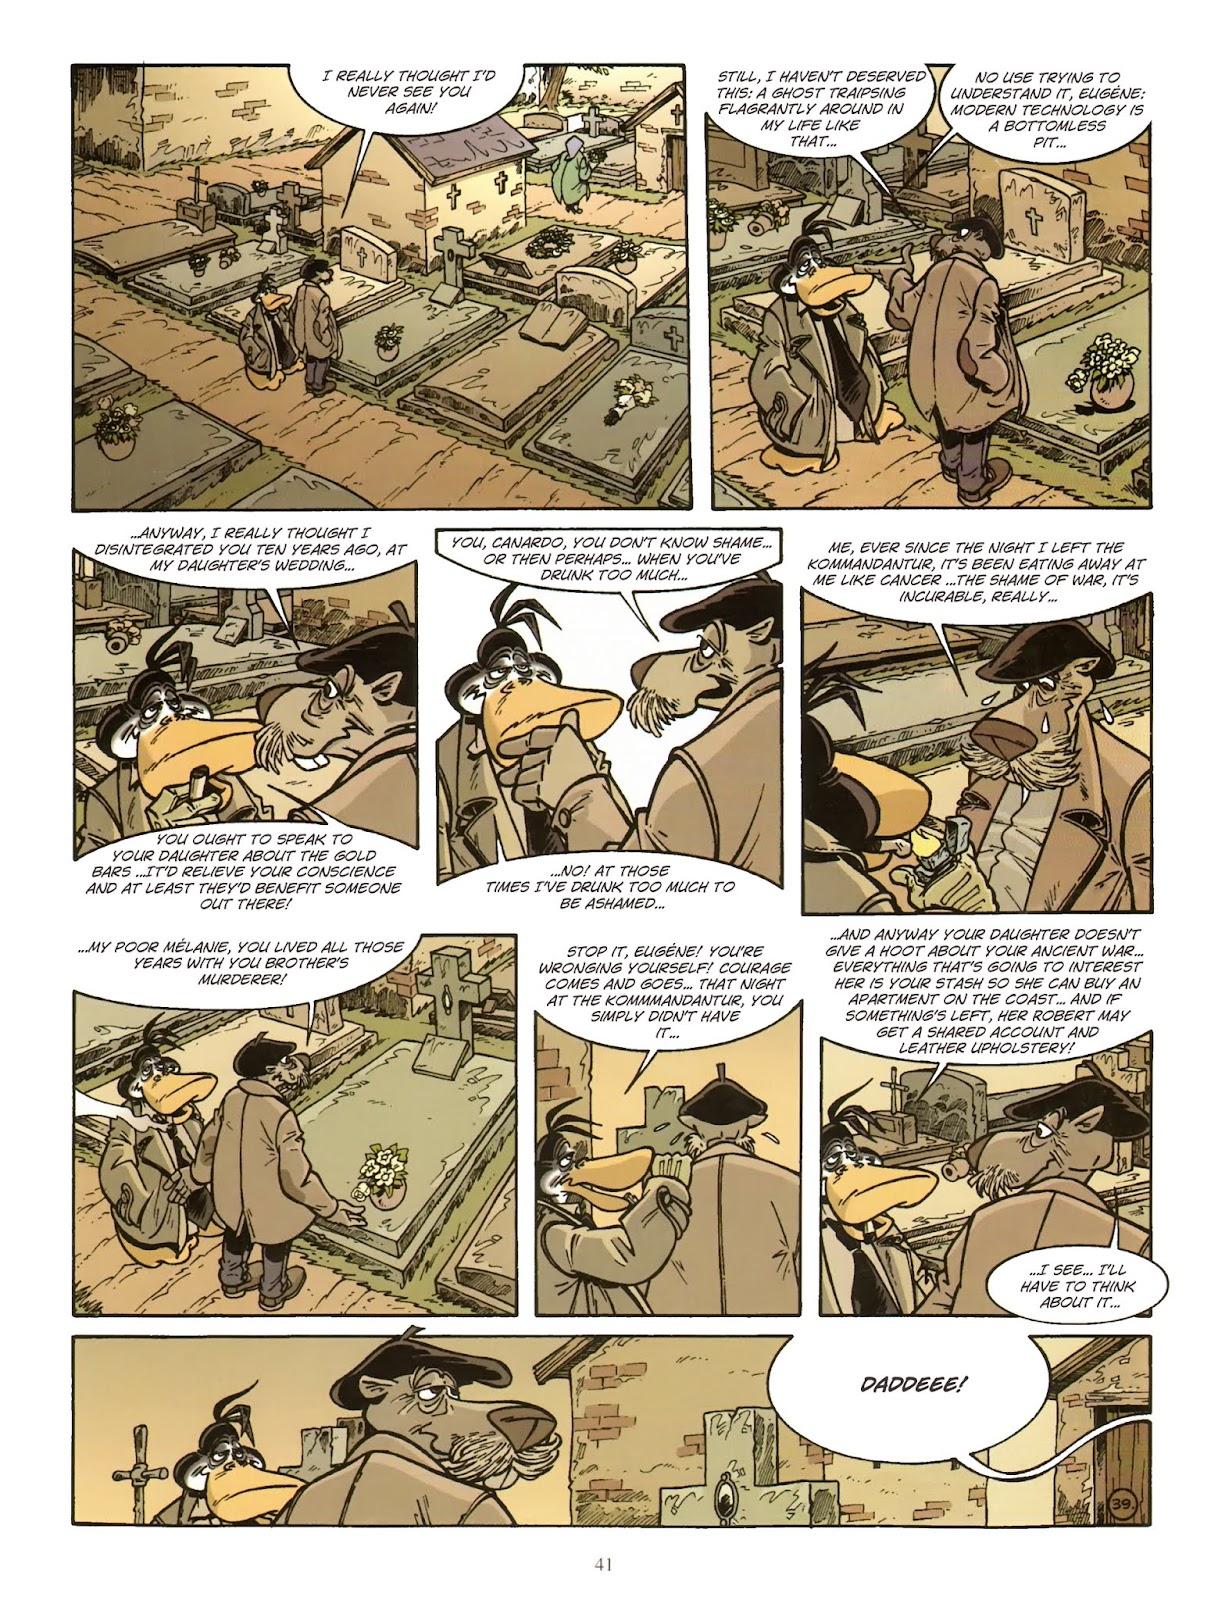 Une enquête de l'inspecteur Canardo issue 11 - Page 42